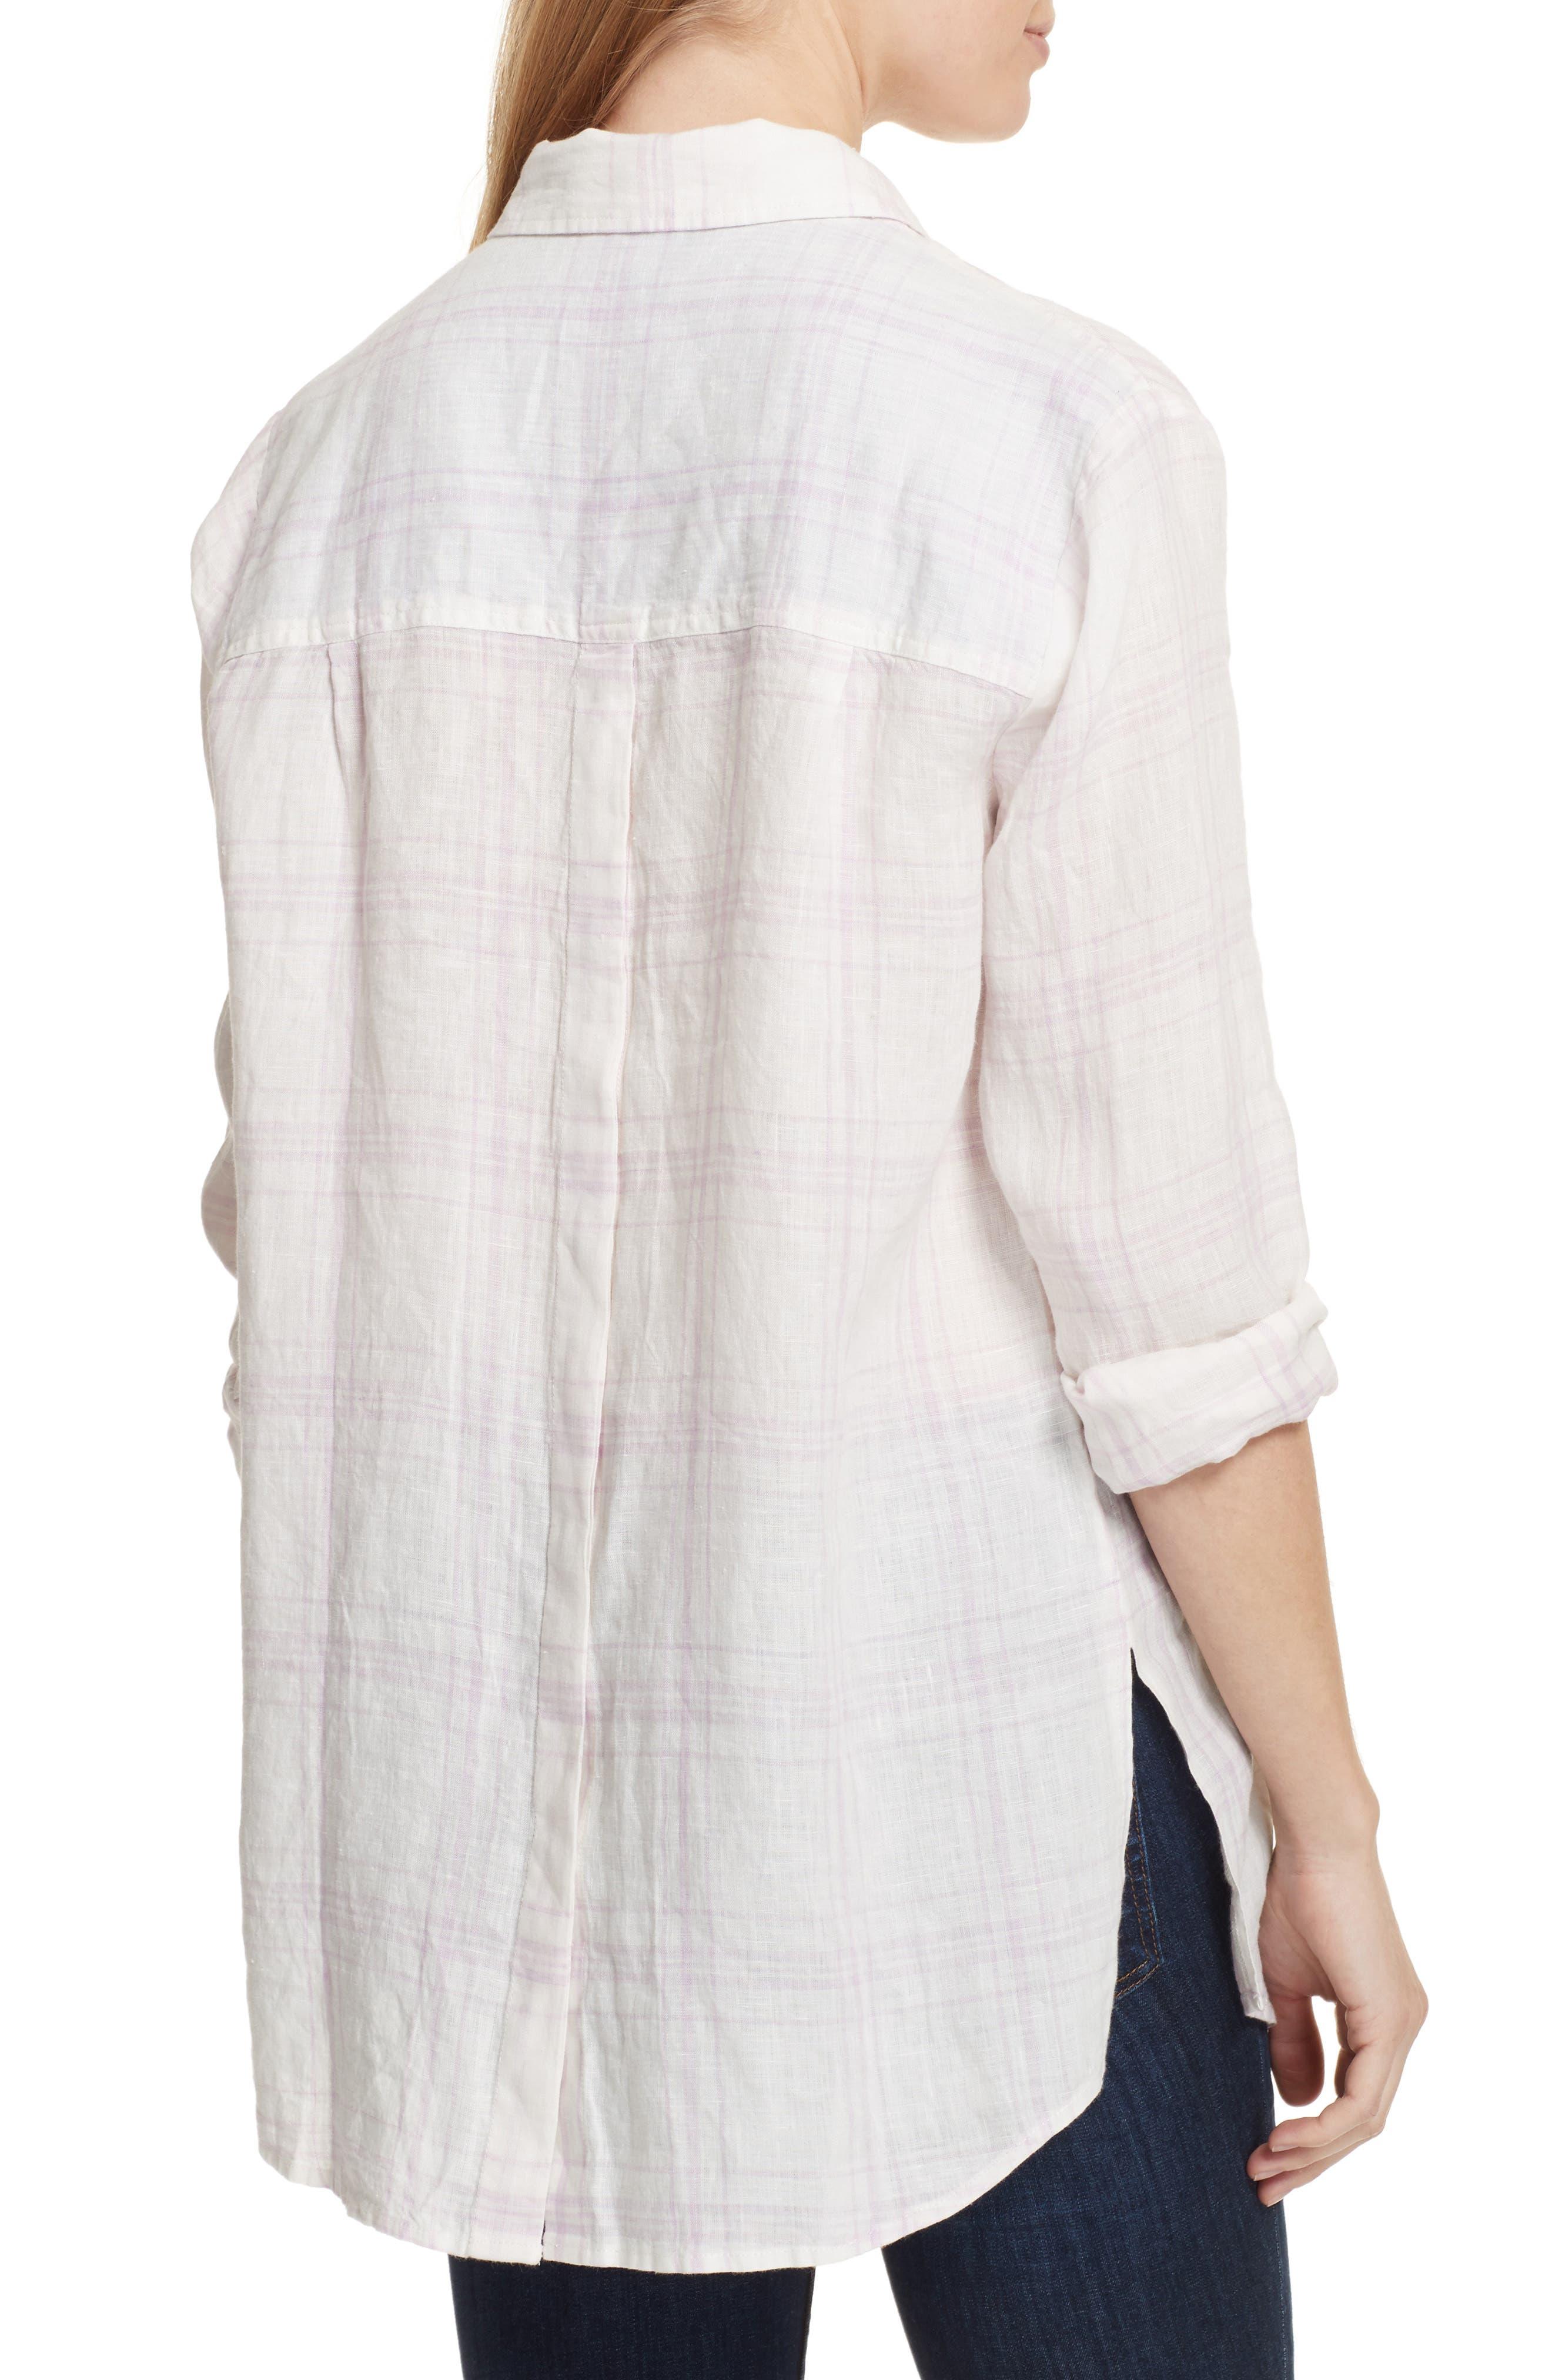 No Limits Plaid Linen Shirt,                             Alternate thumbnail 2, color,                             535